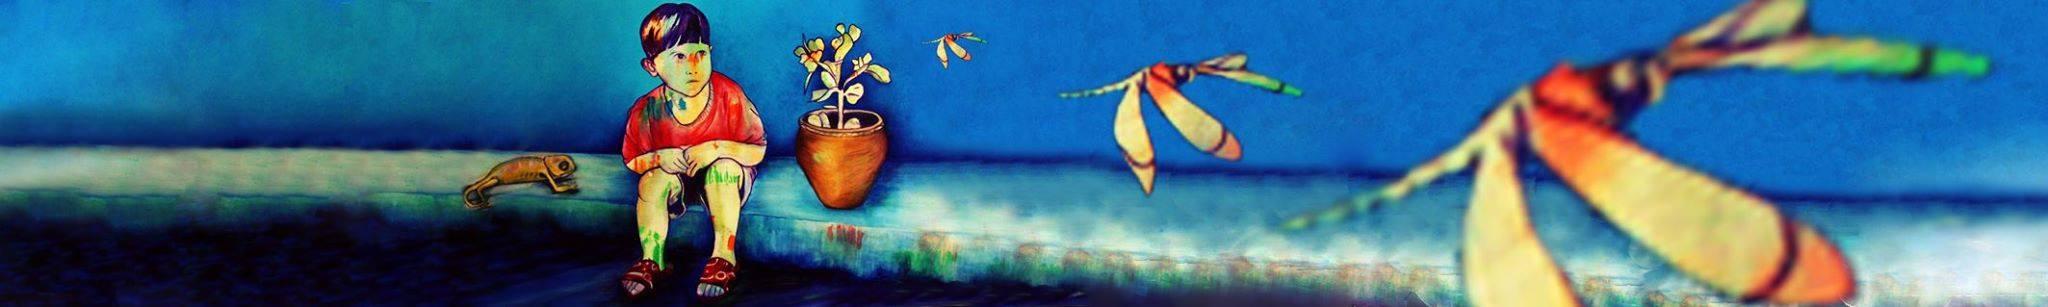 Uç uç Yusufçuk Duvar projesi